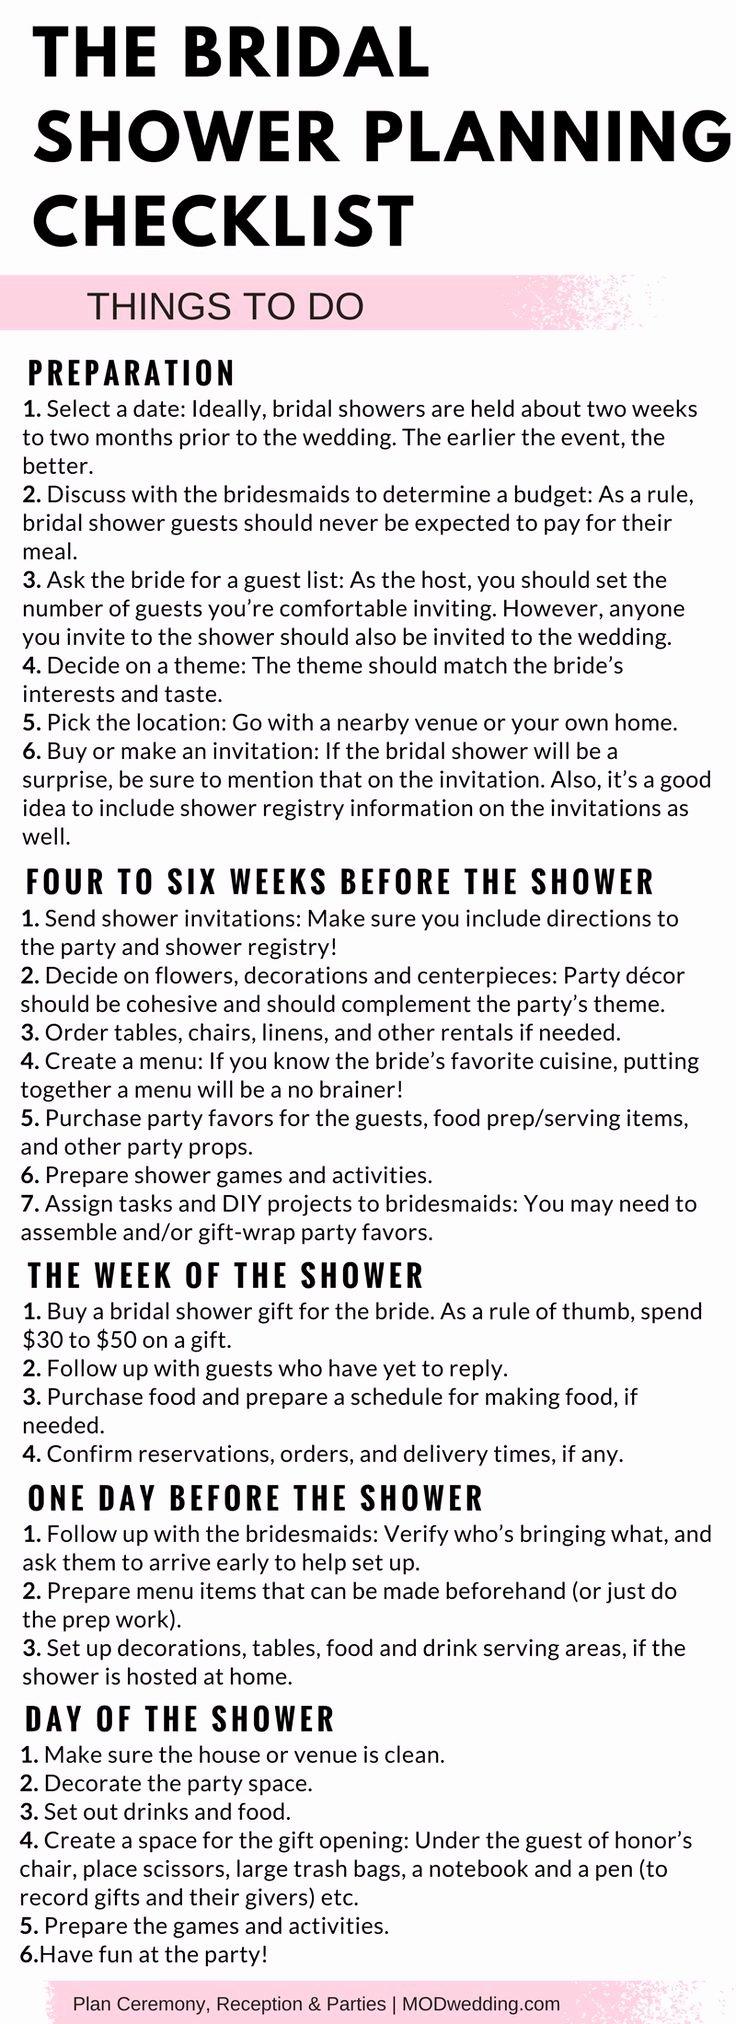 Bridal Shower Checklist Template New Best 25 event Checklist Ideas On Pinterest